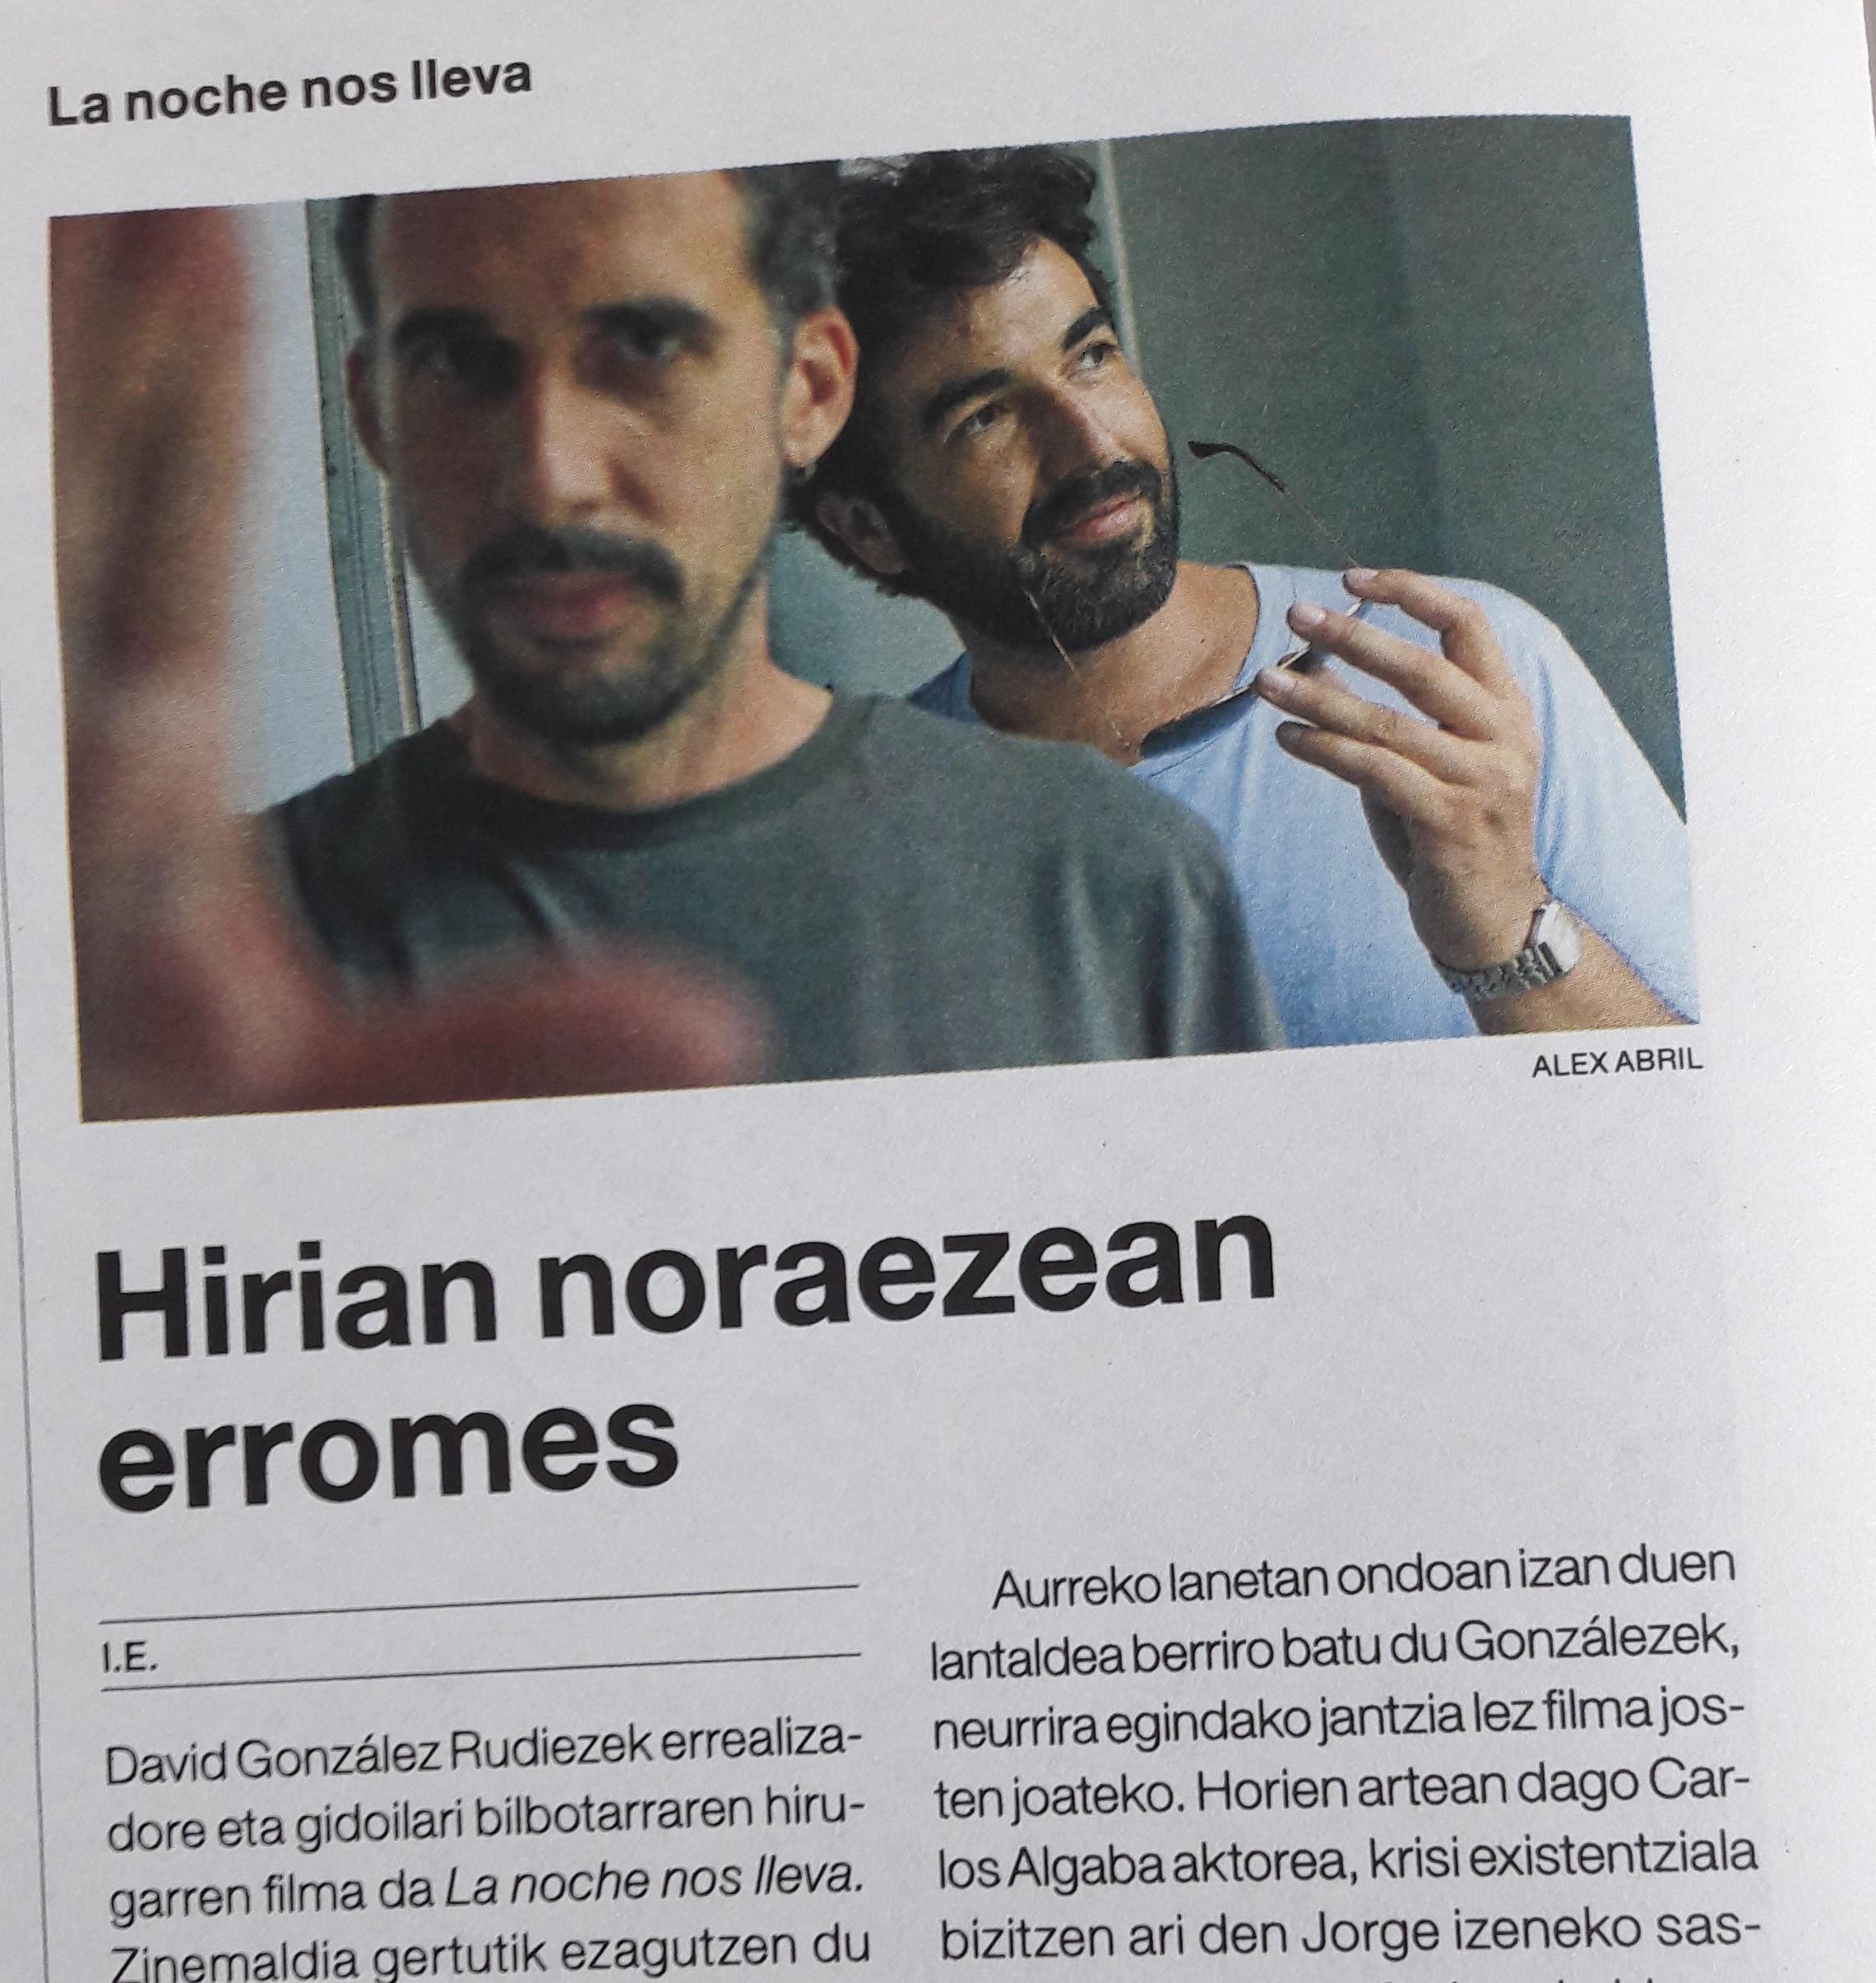 Entrevista en el diario del Festival de San Sebastián